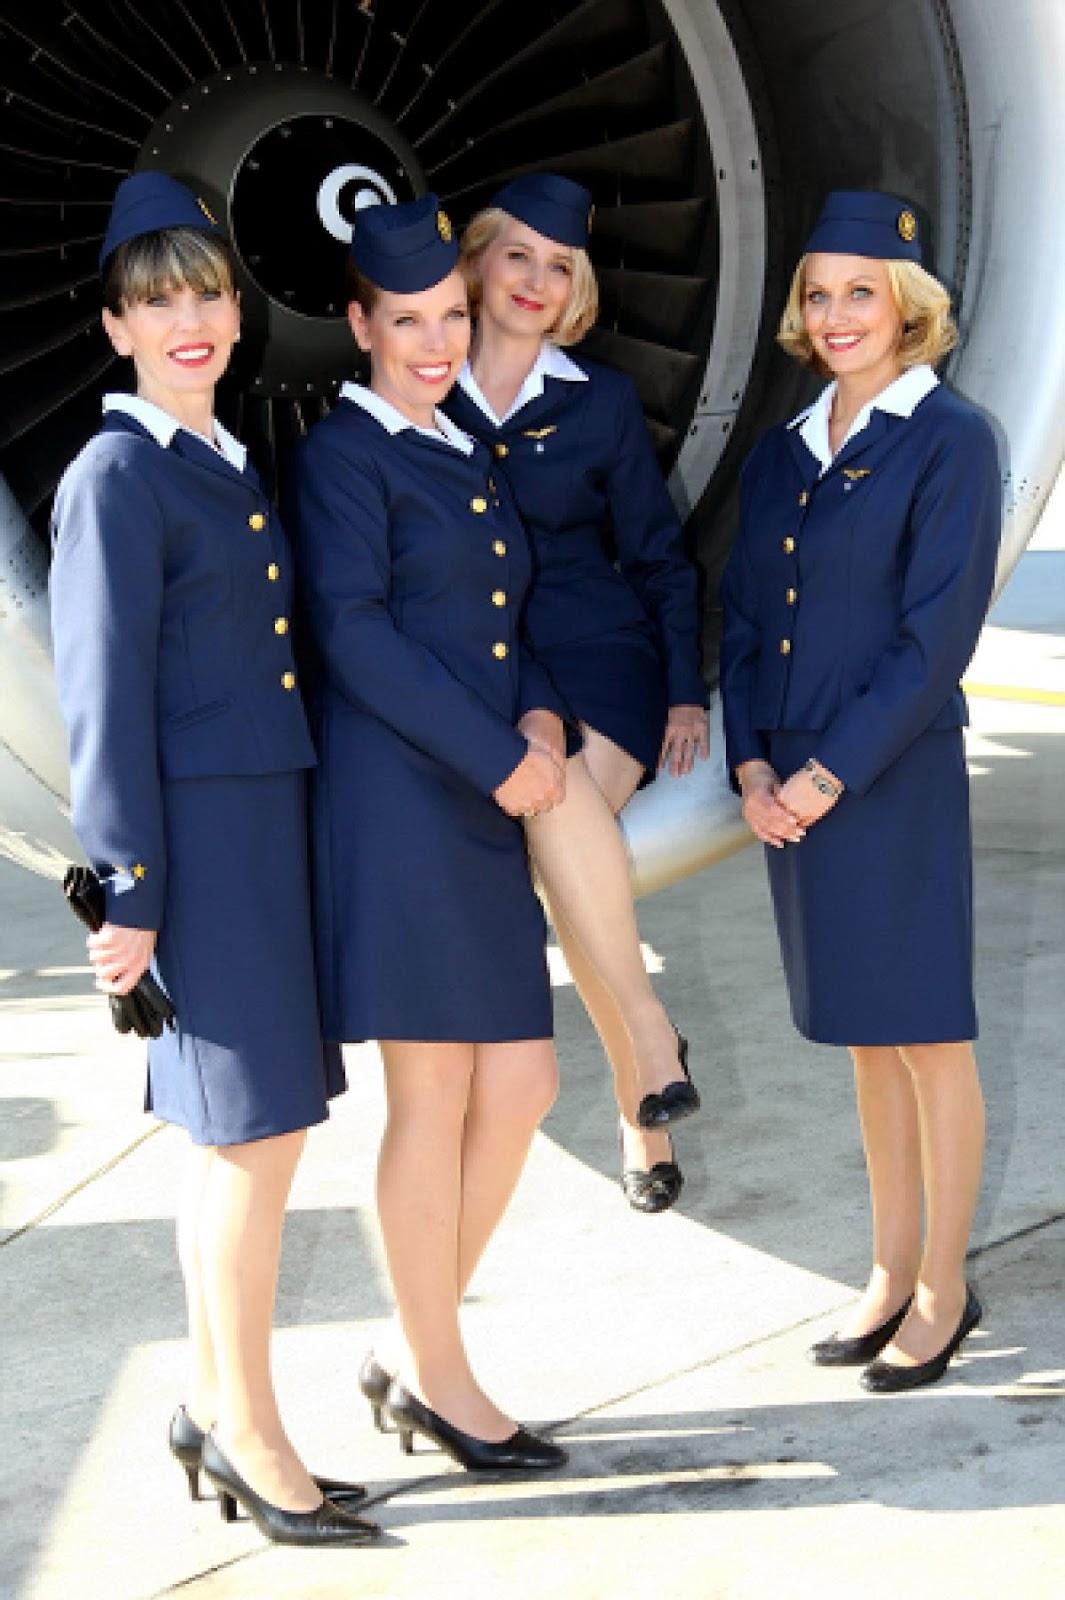 lentoemäntä, lentoemo, flightattendant, air hostess, cabin attendant, cabin crew, matkustamohenkilökunta, lentokone, airplane, moottori, engin